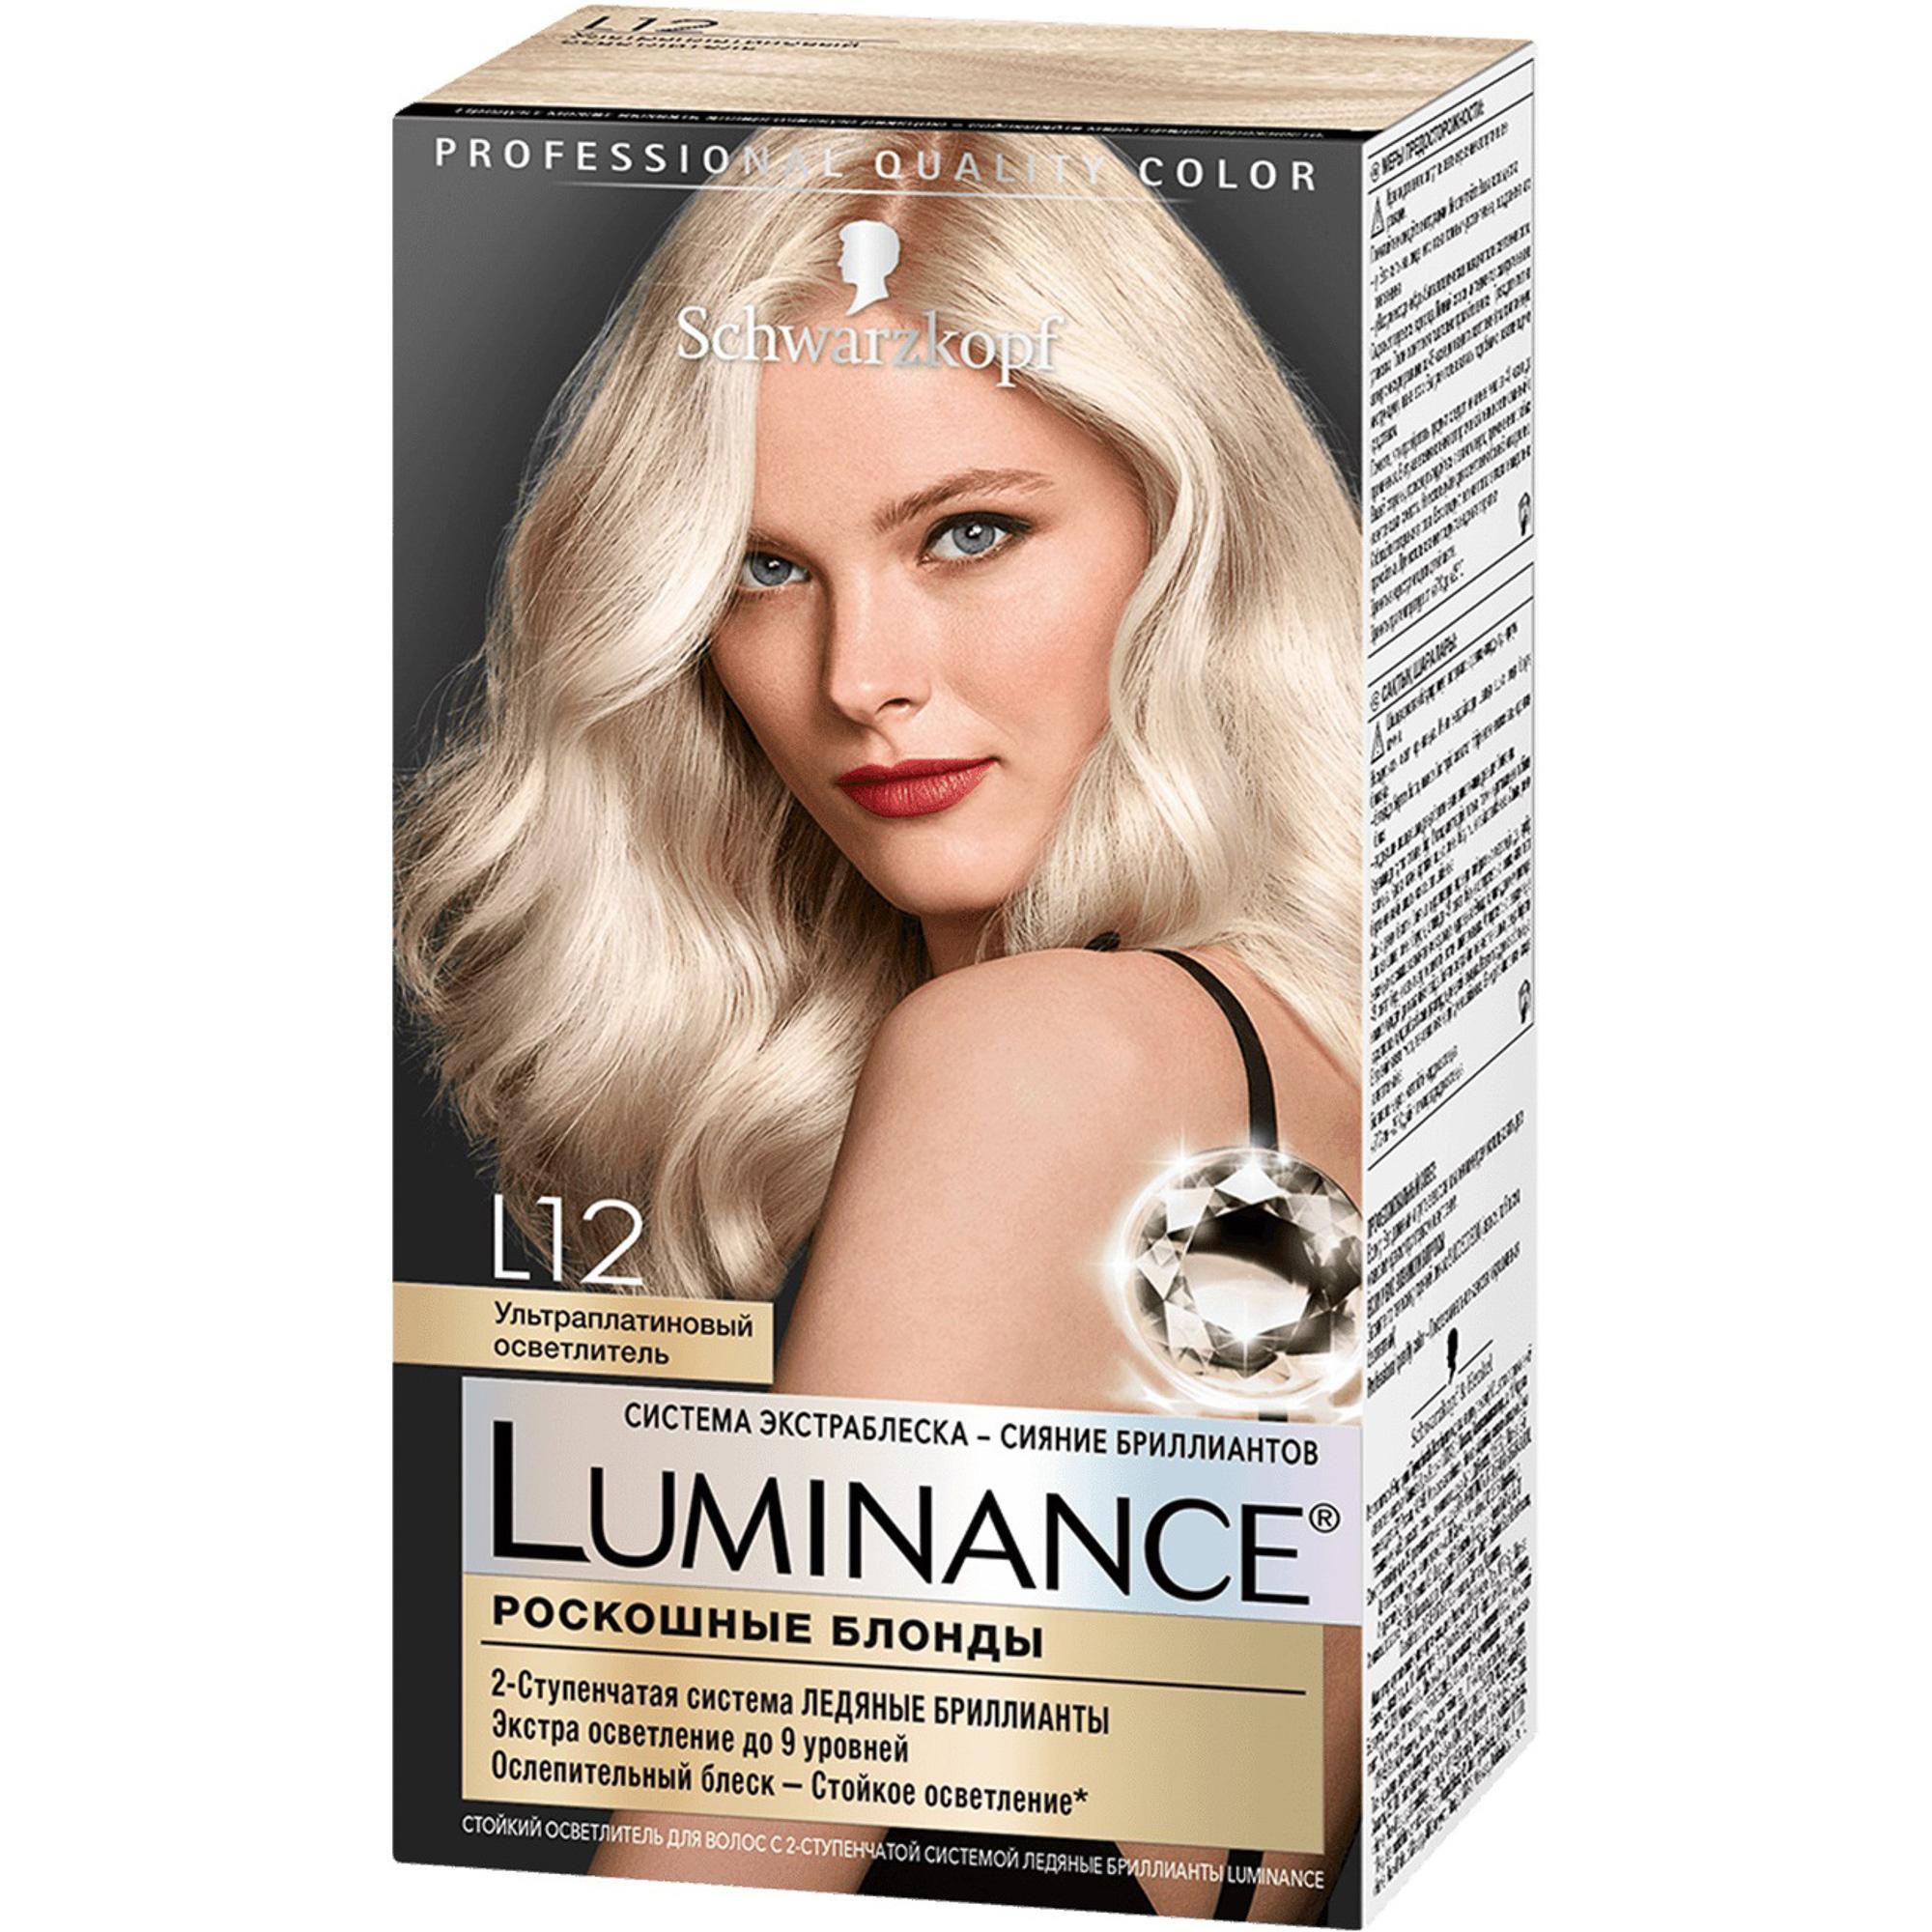 Краска для волос Schwarzkopf Luminance Color L12 Ультра платиновый осветлитель